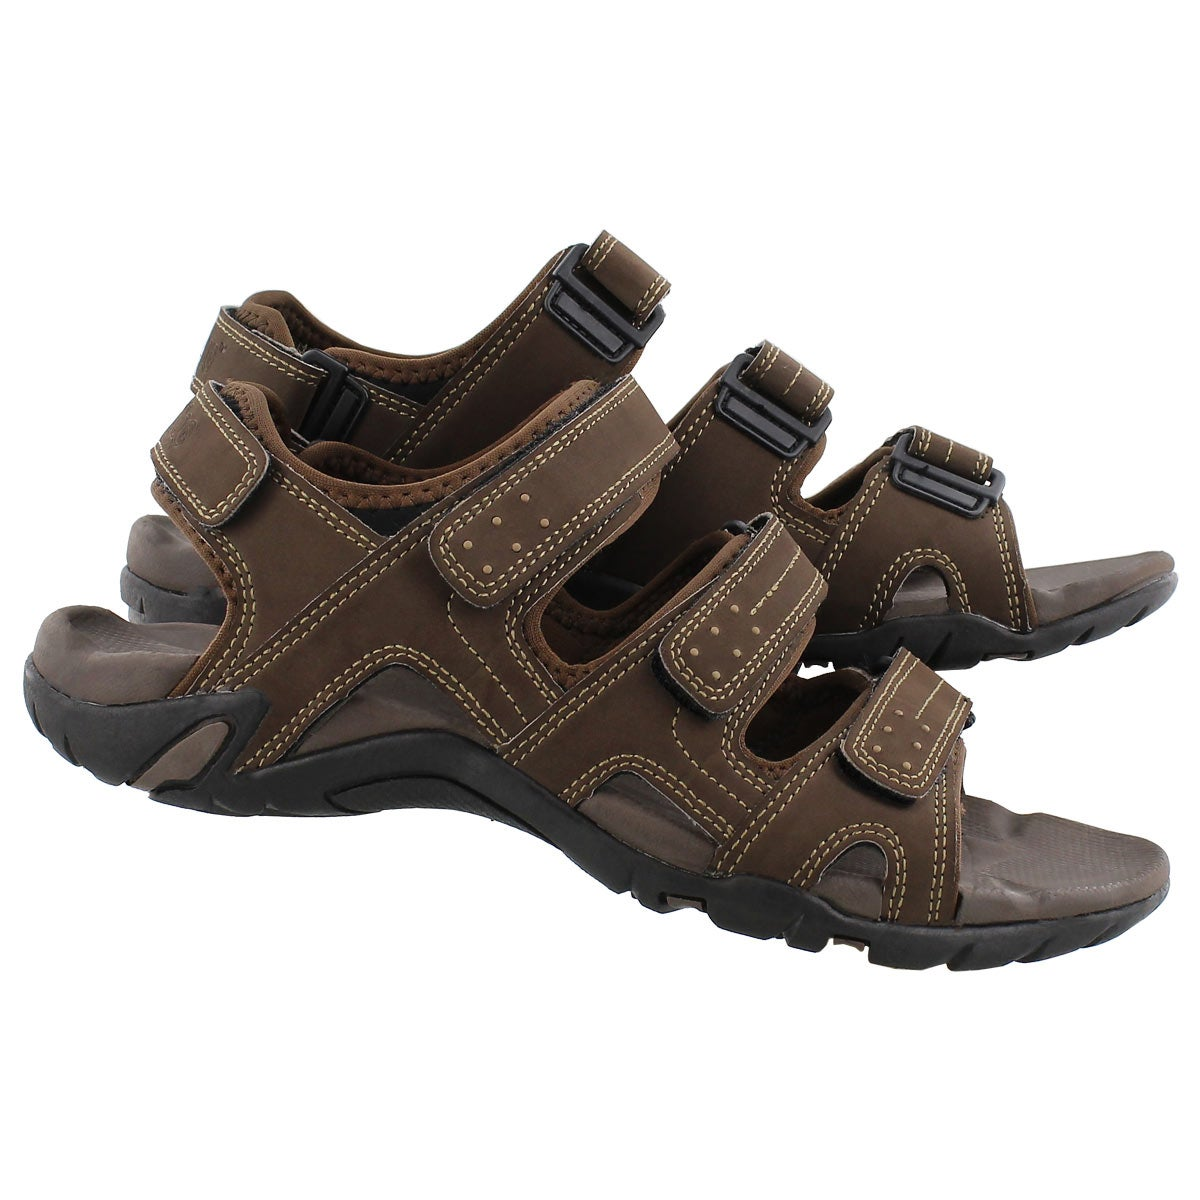 Mns Lexington brown 4 strap sport sandal